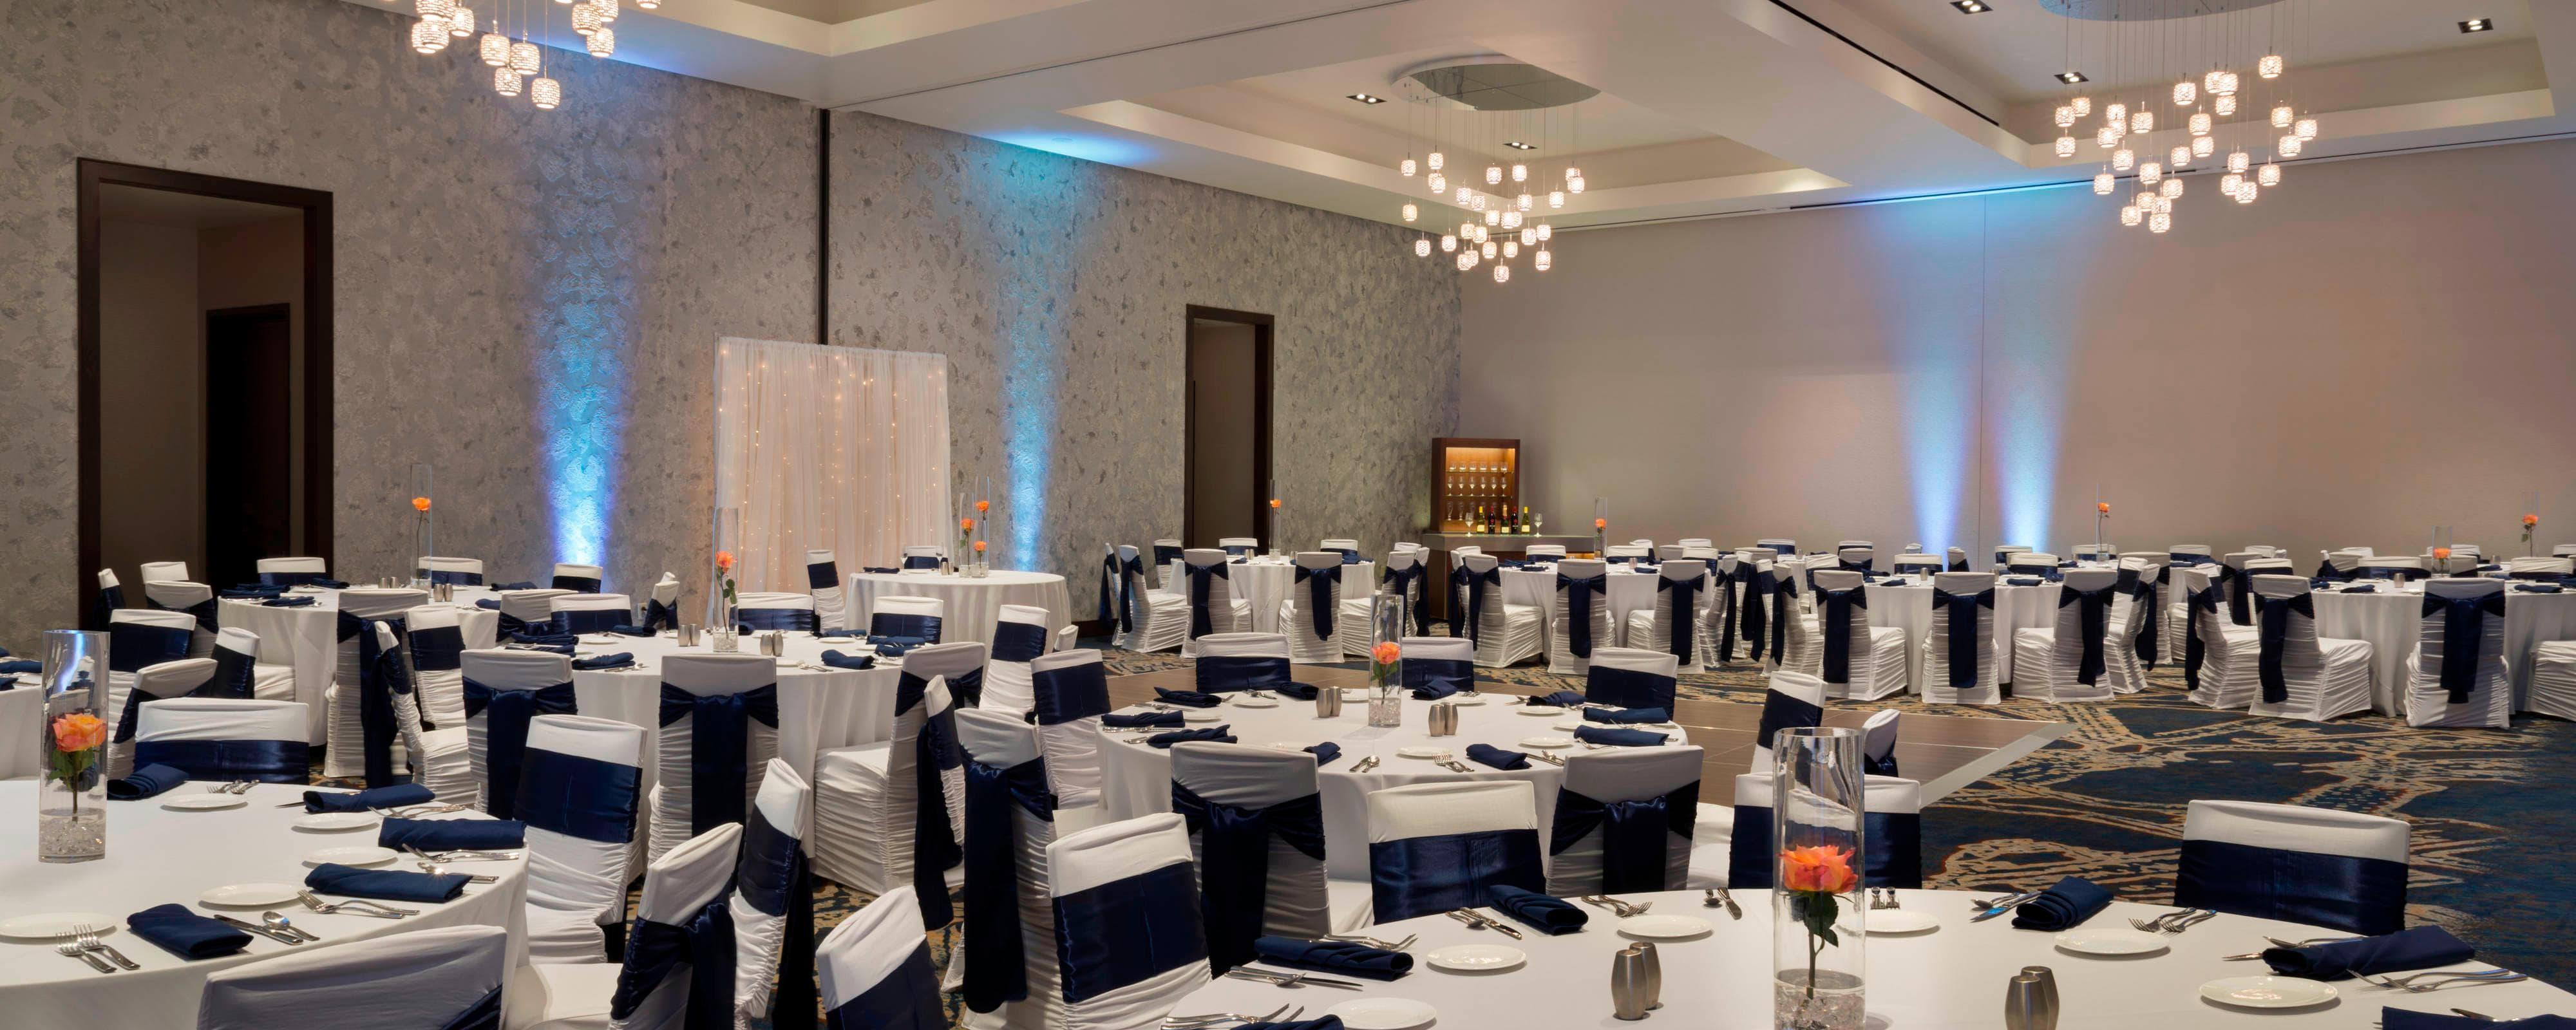 Wedding Reception Venues Downtown Buffalo Ny Marriott Harborcenter: Top Wedding Venues Buffalo Ny At Websimilar.org